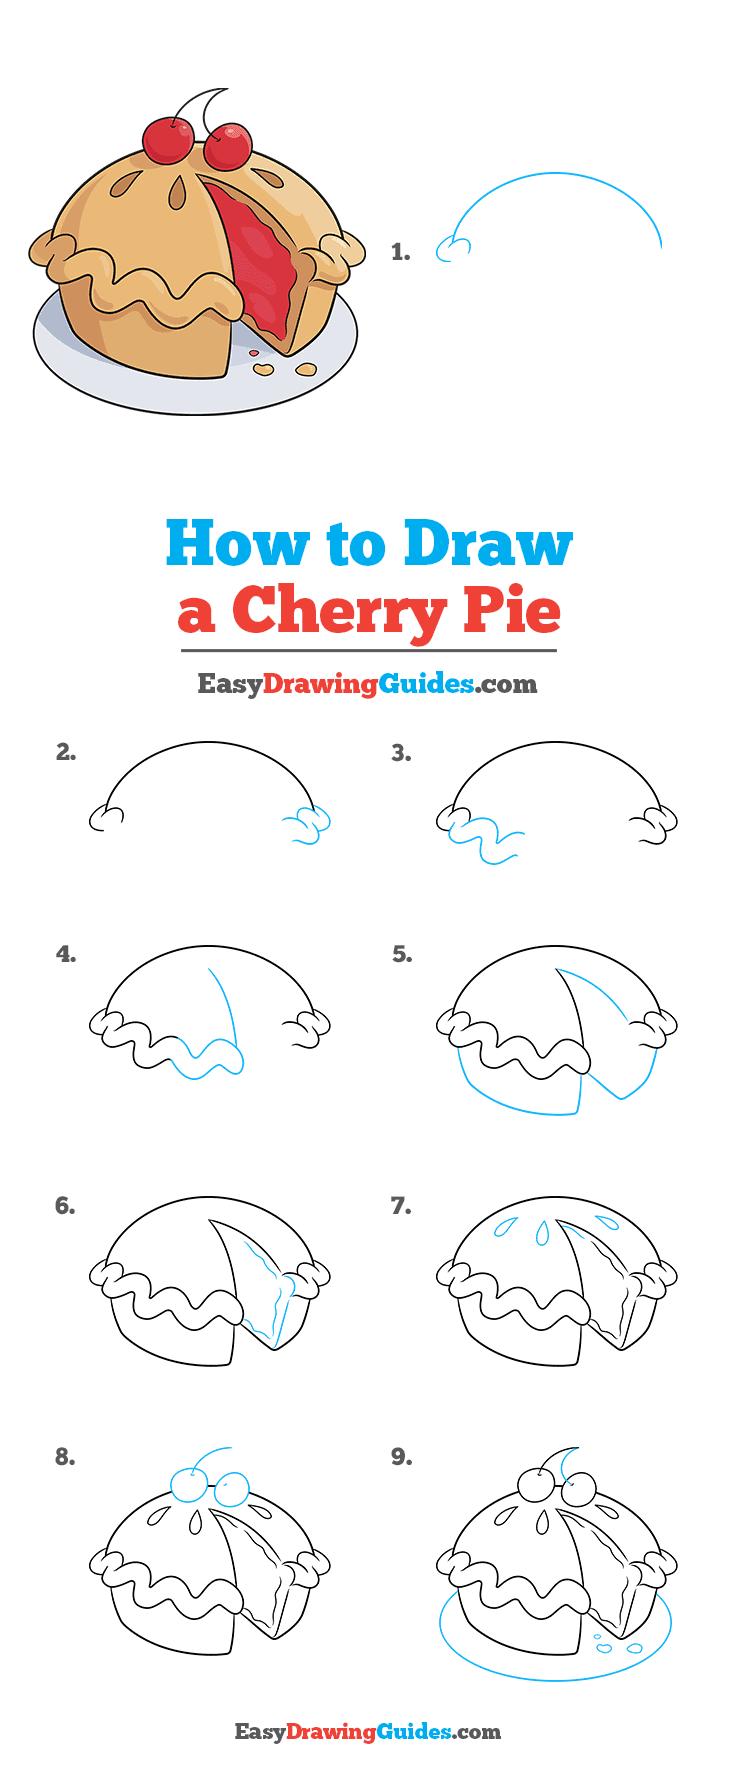 How to Draw Cherry Pie